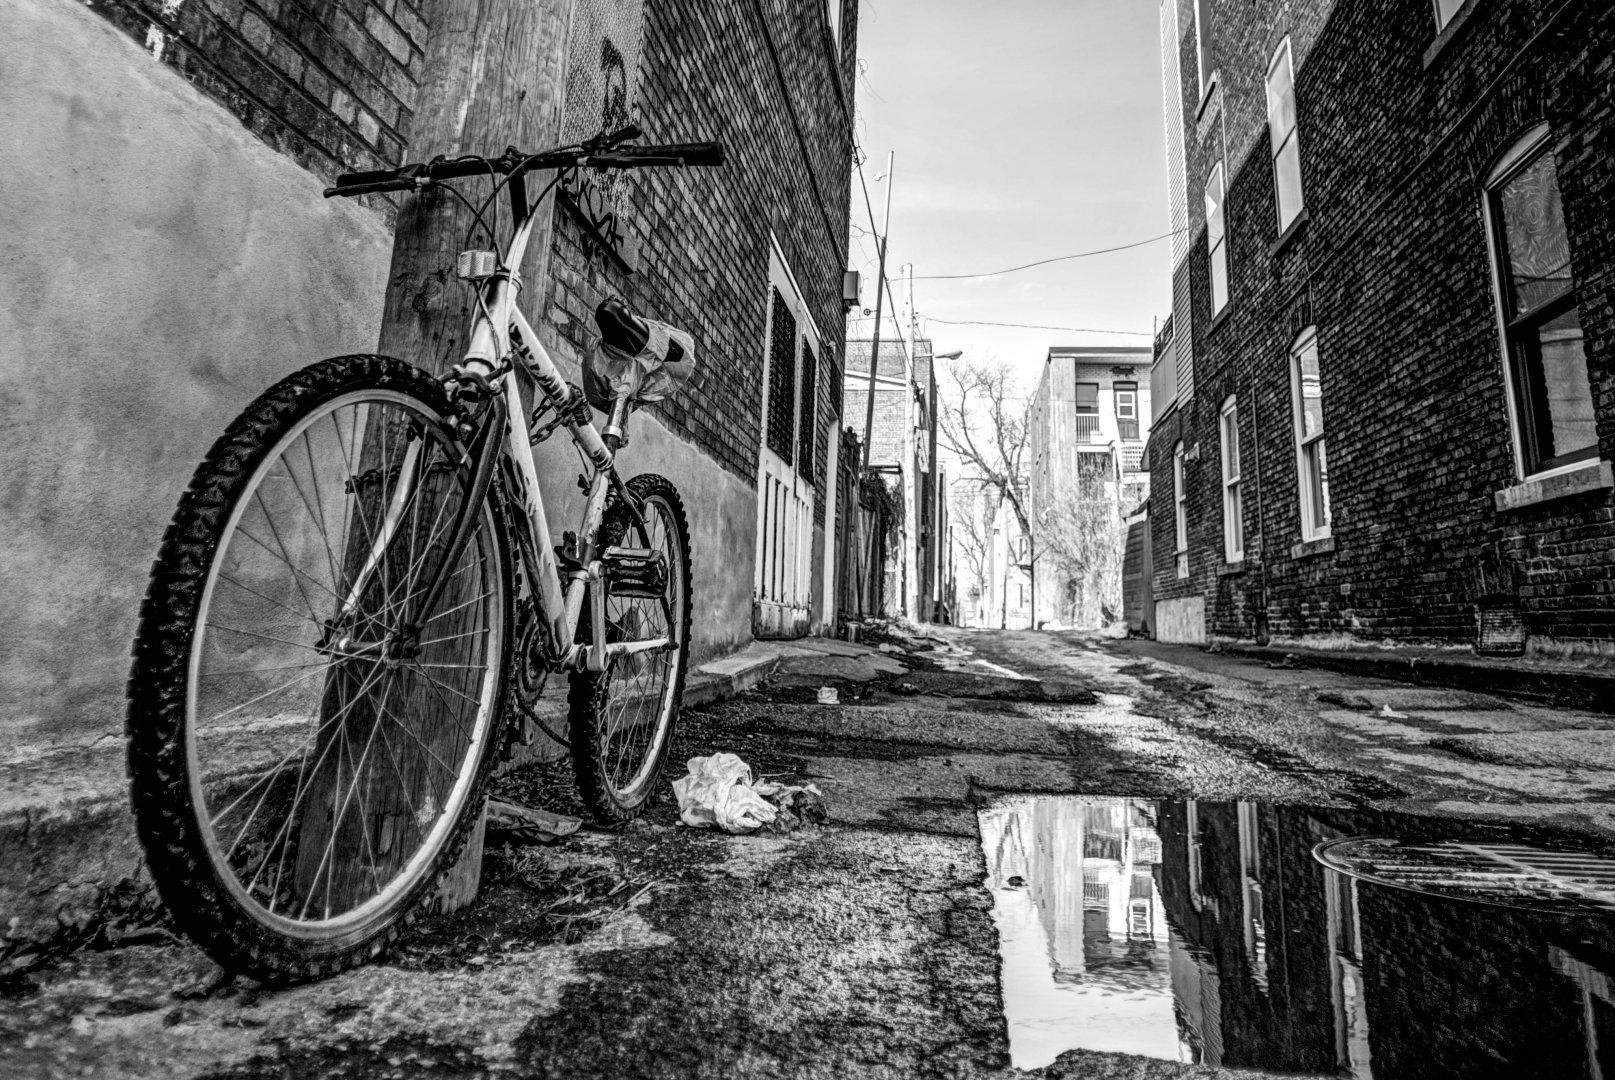 Touchez pas a mon vélo